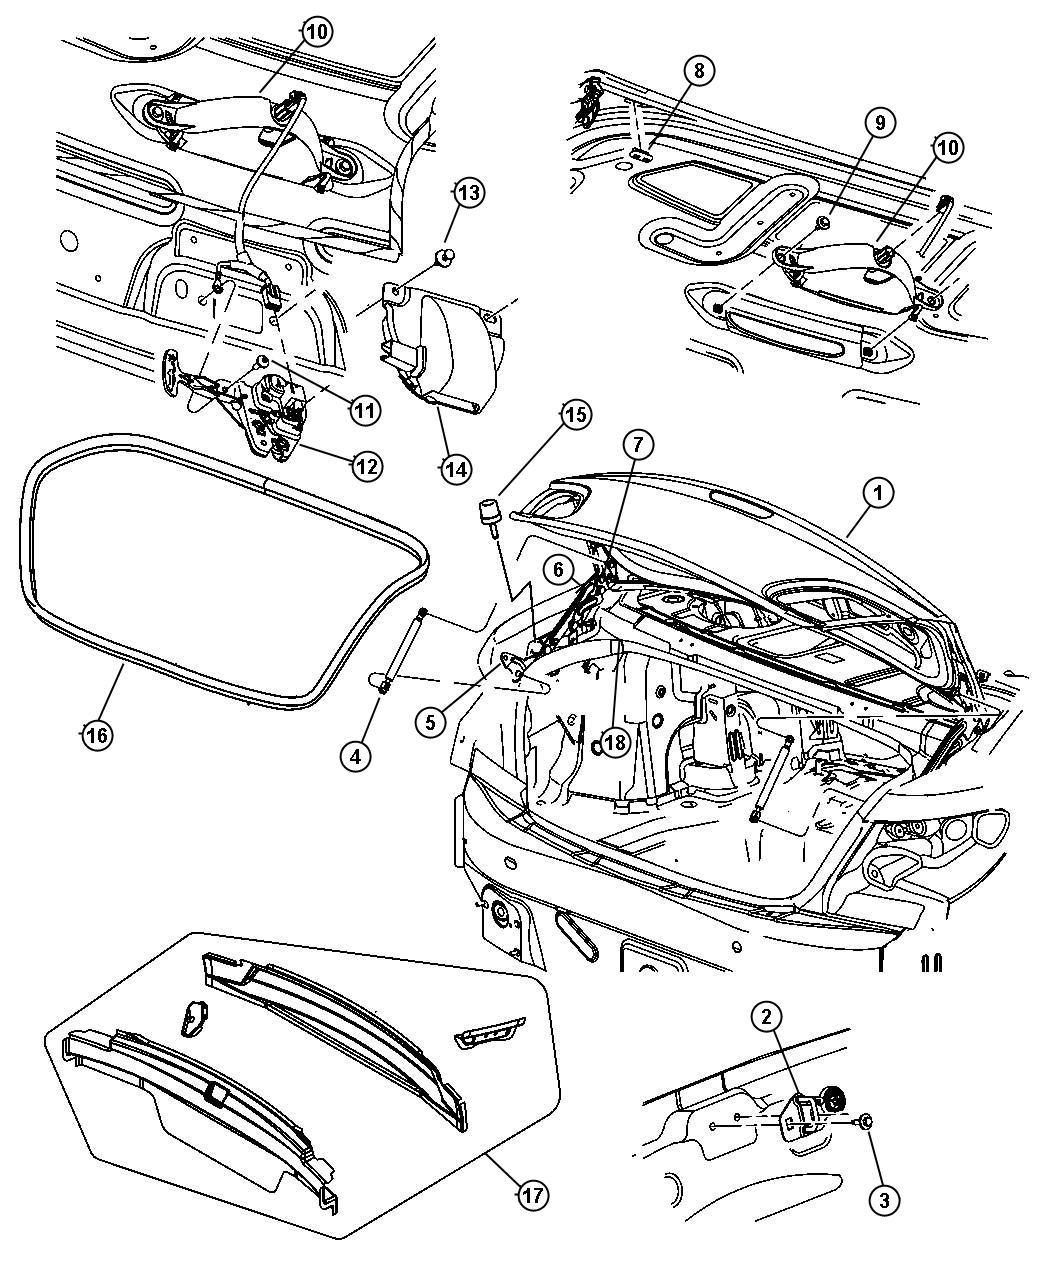 Chrysler 200 Bumper. Overslam. Lid, Deck, Body